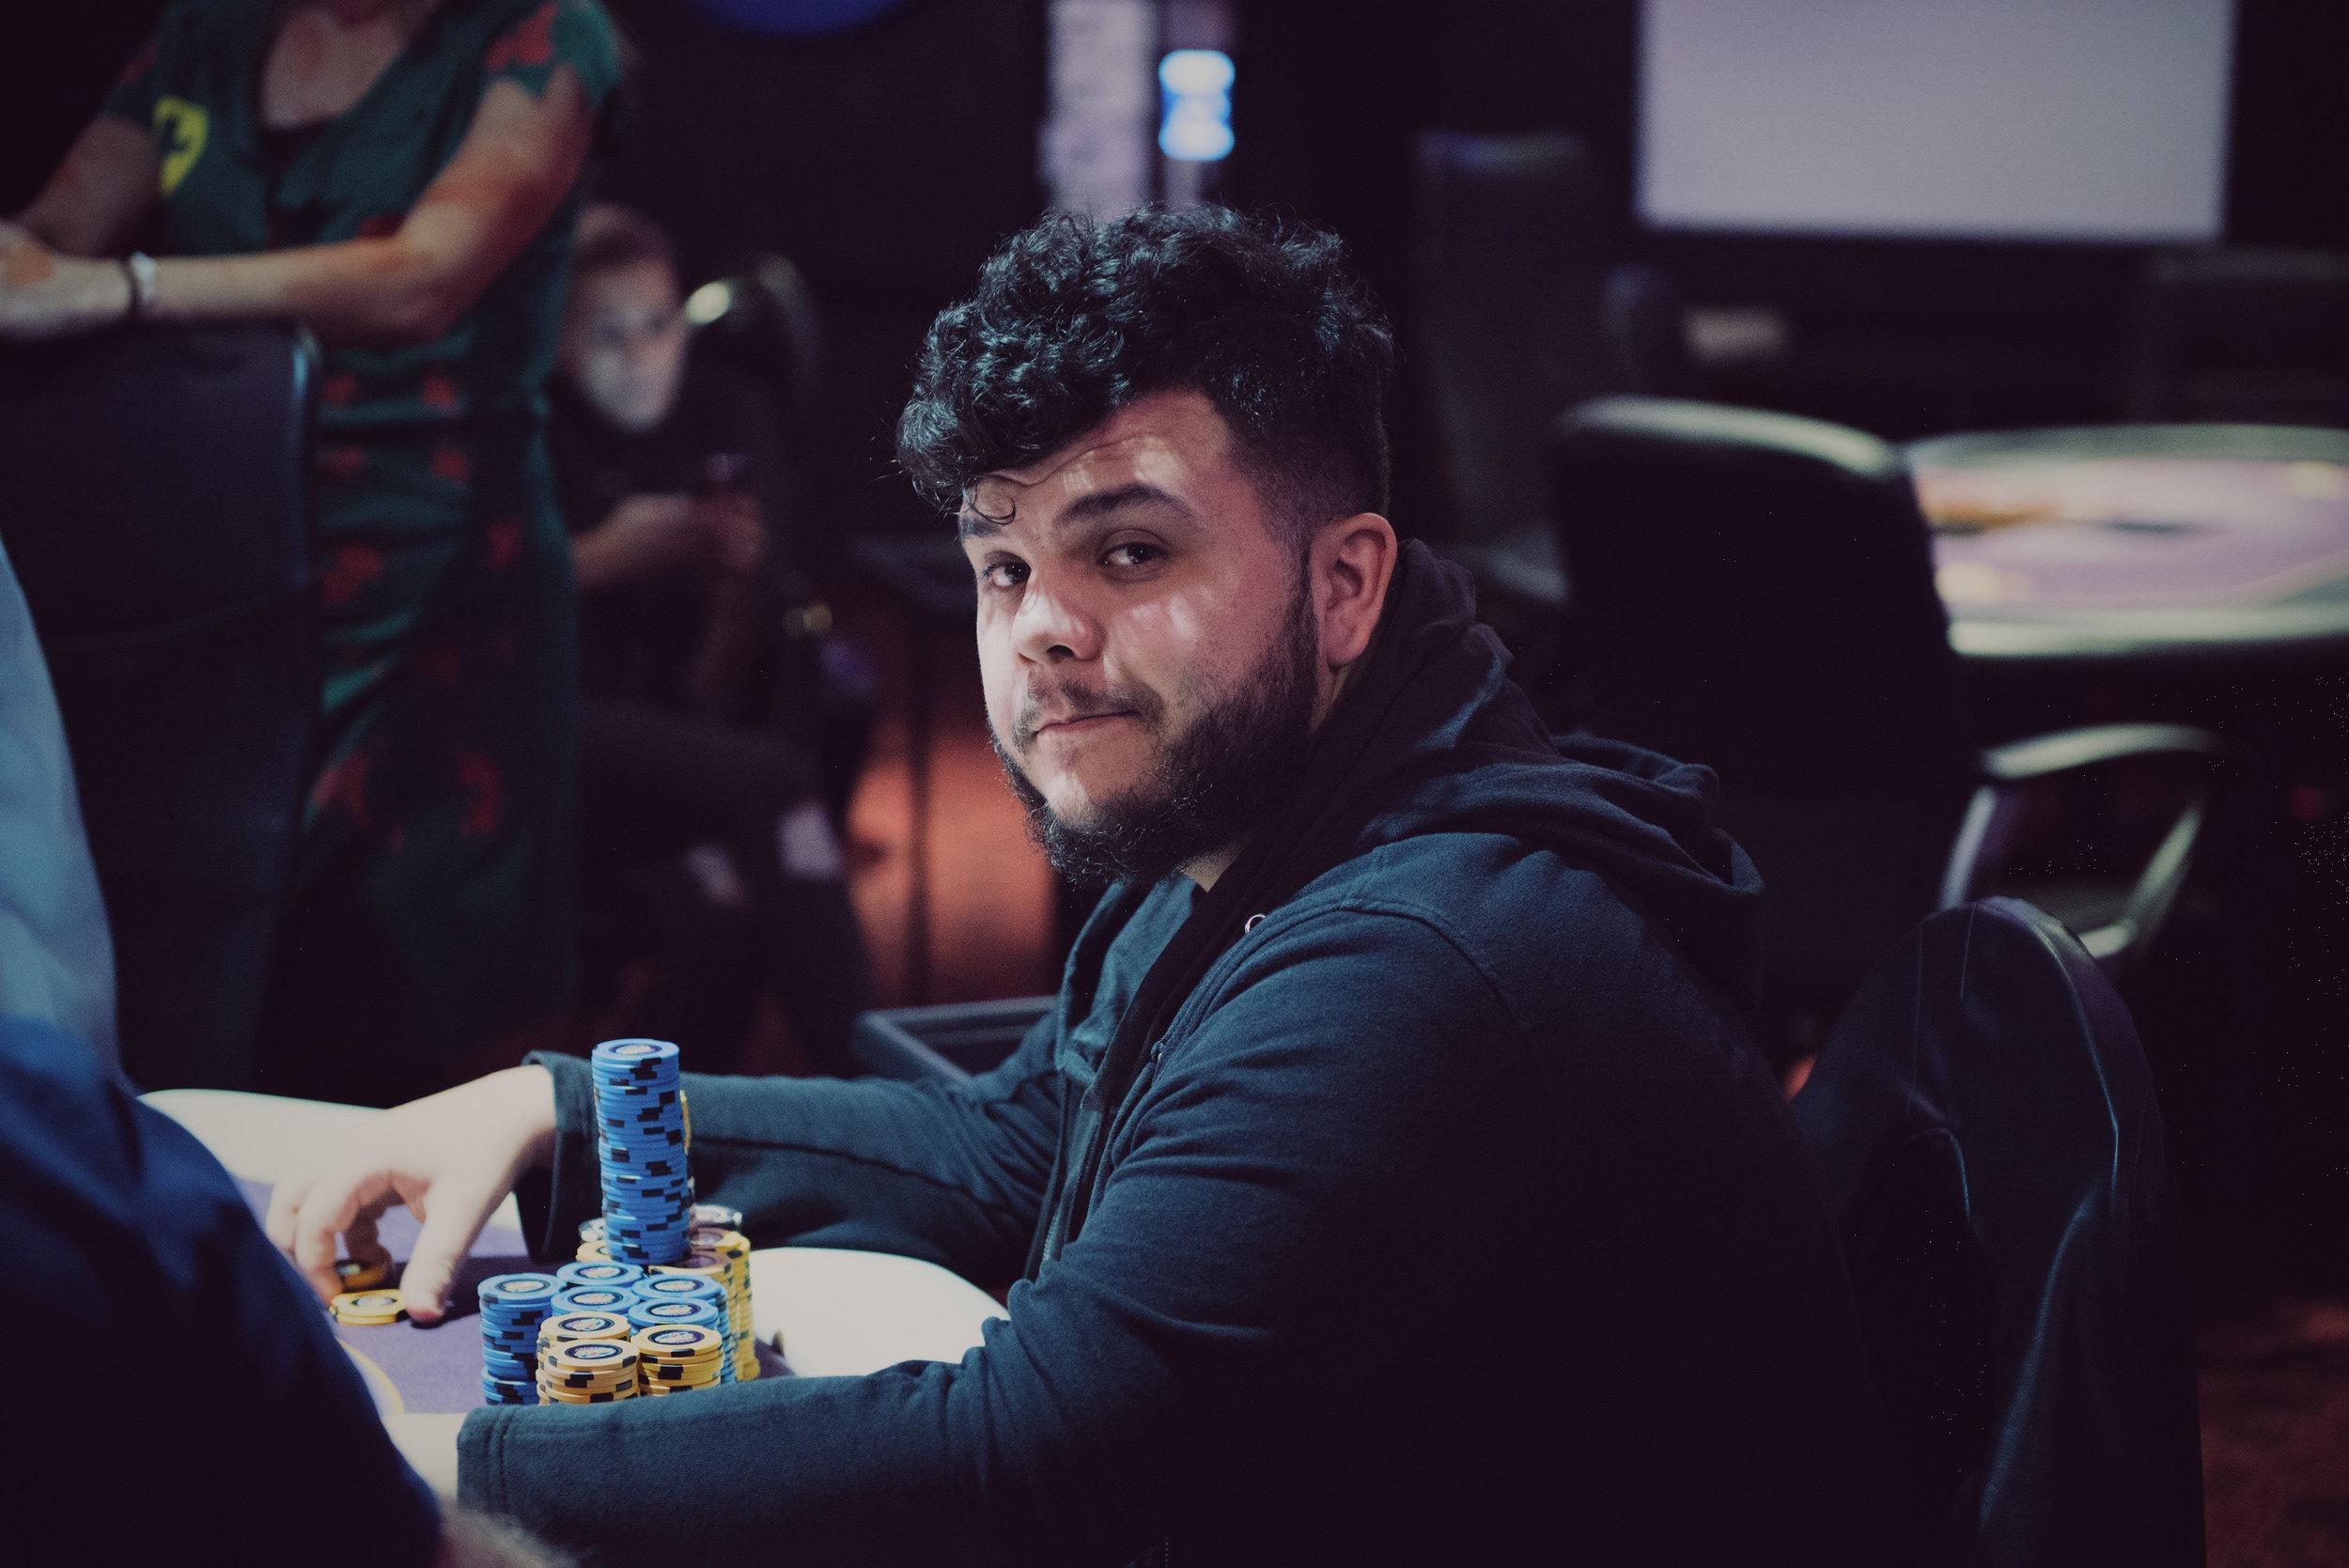 Poker-Photographer-Europe-Rebuy~Stars-010.JPG